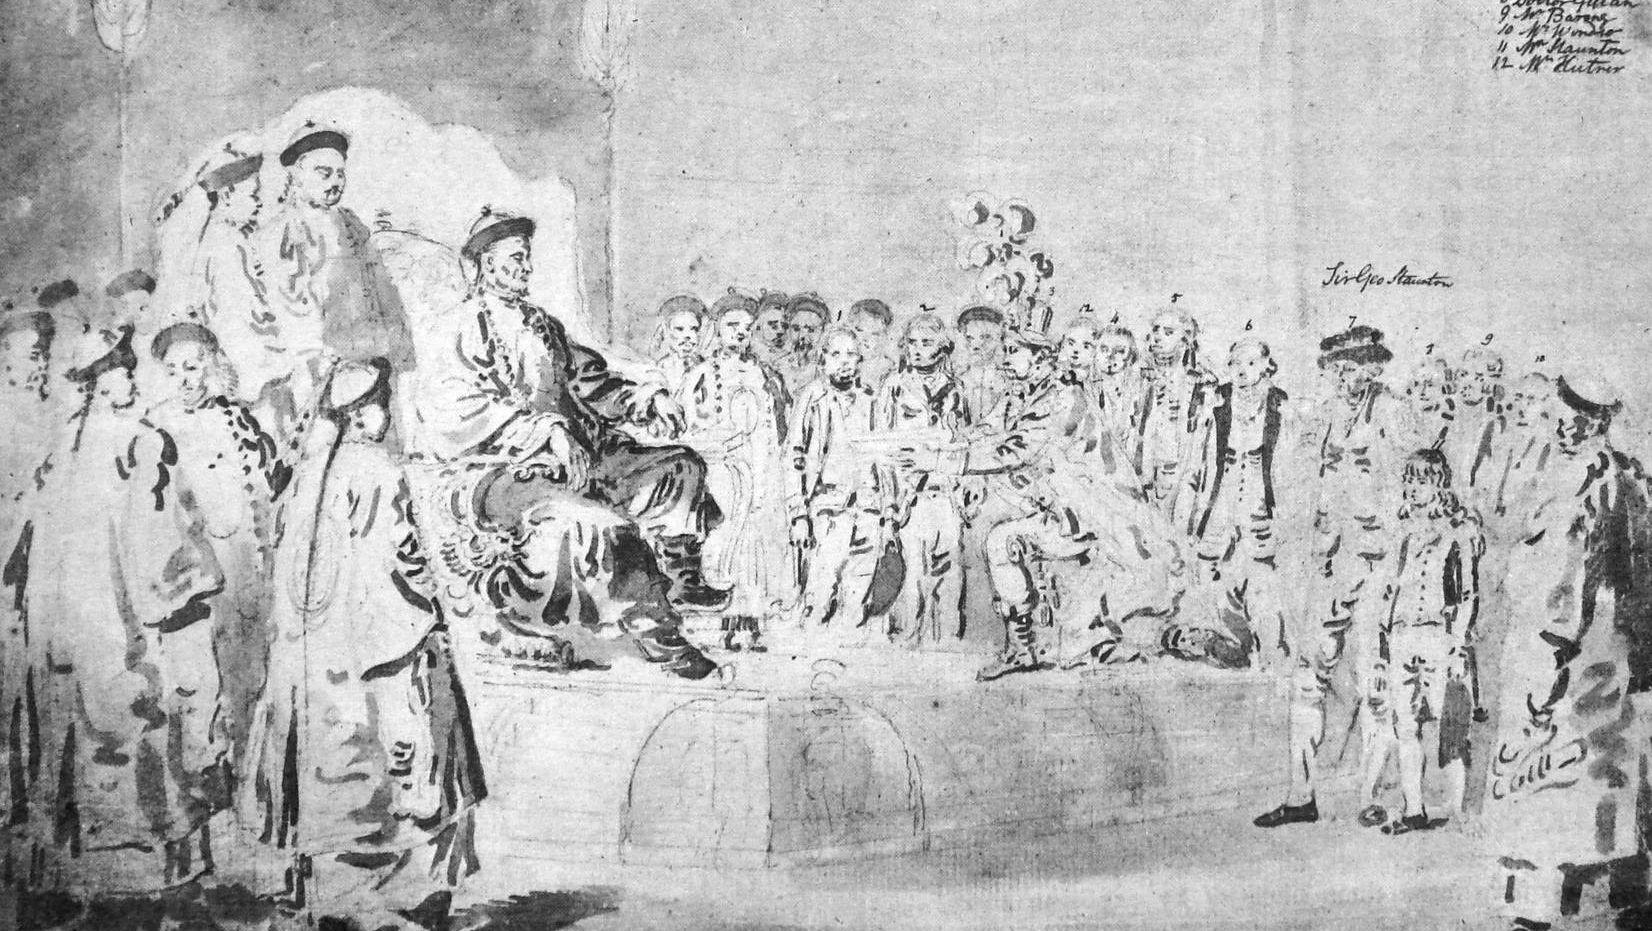 Александр Уильям. Приём у китайского императора. 1793 год